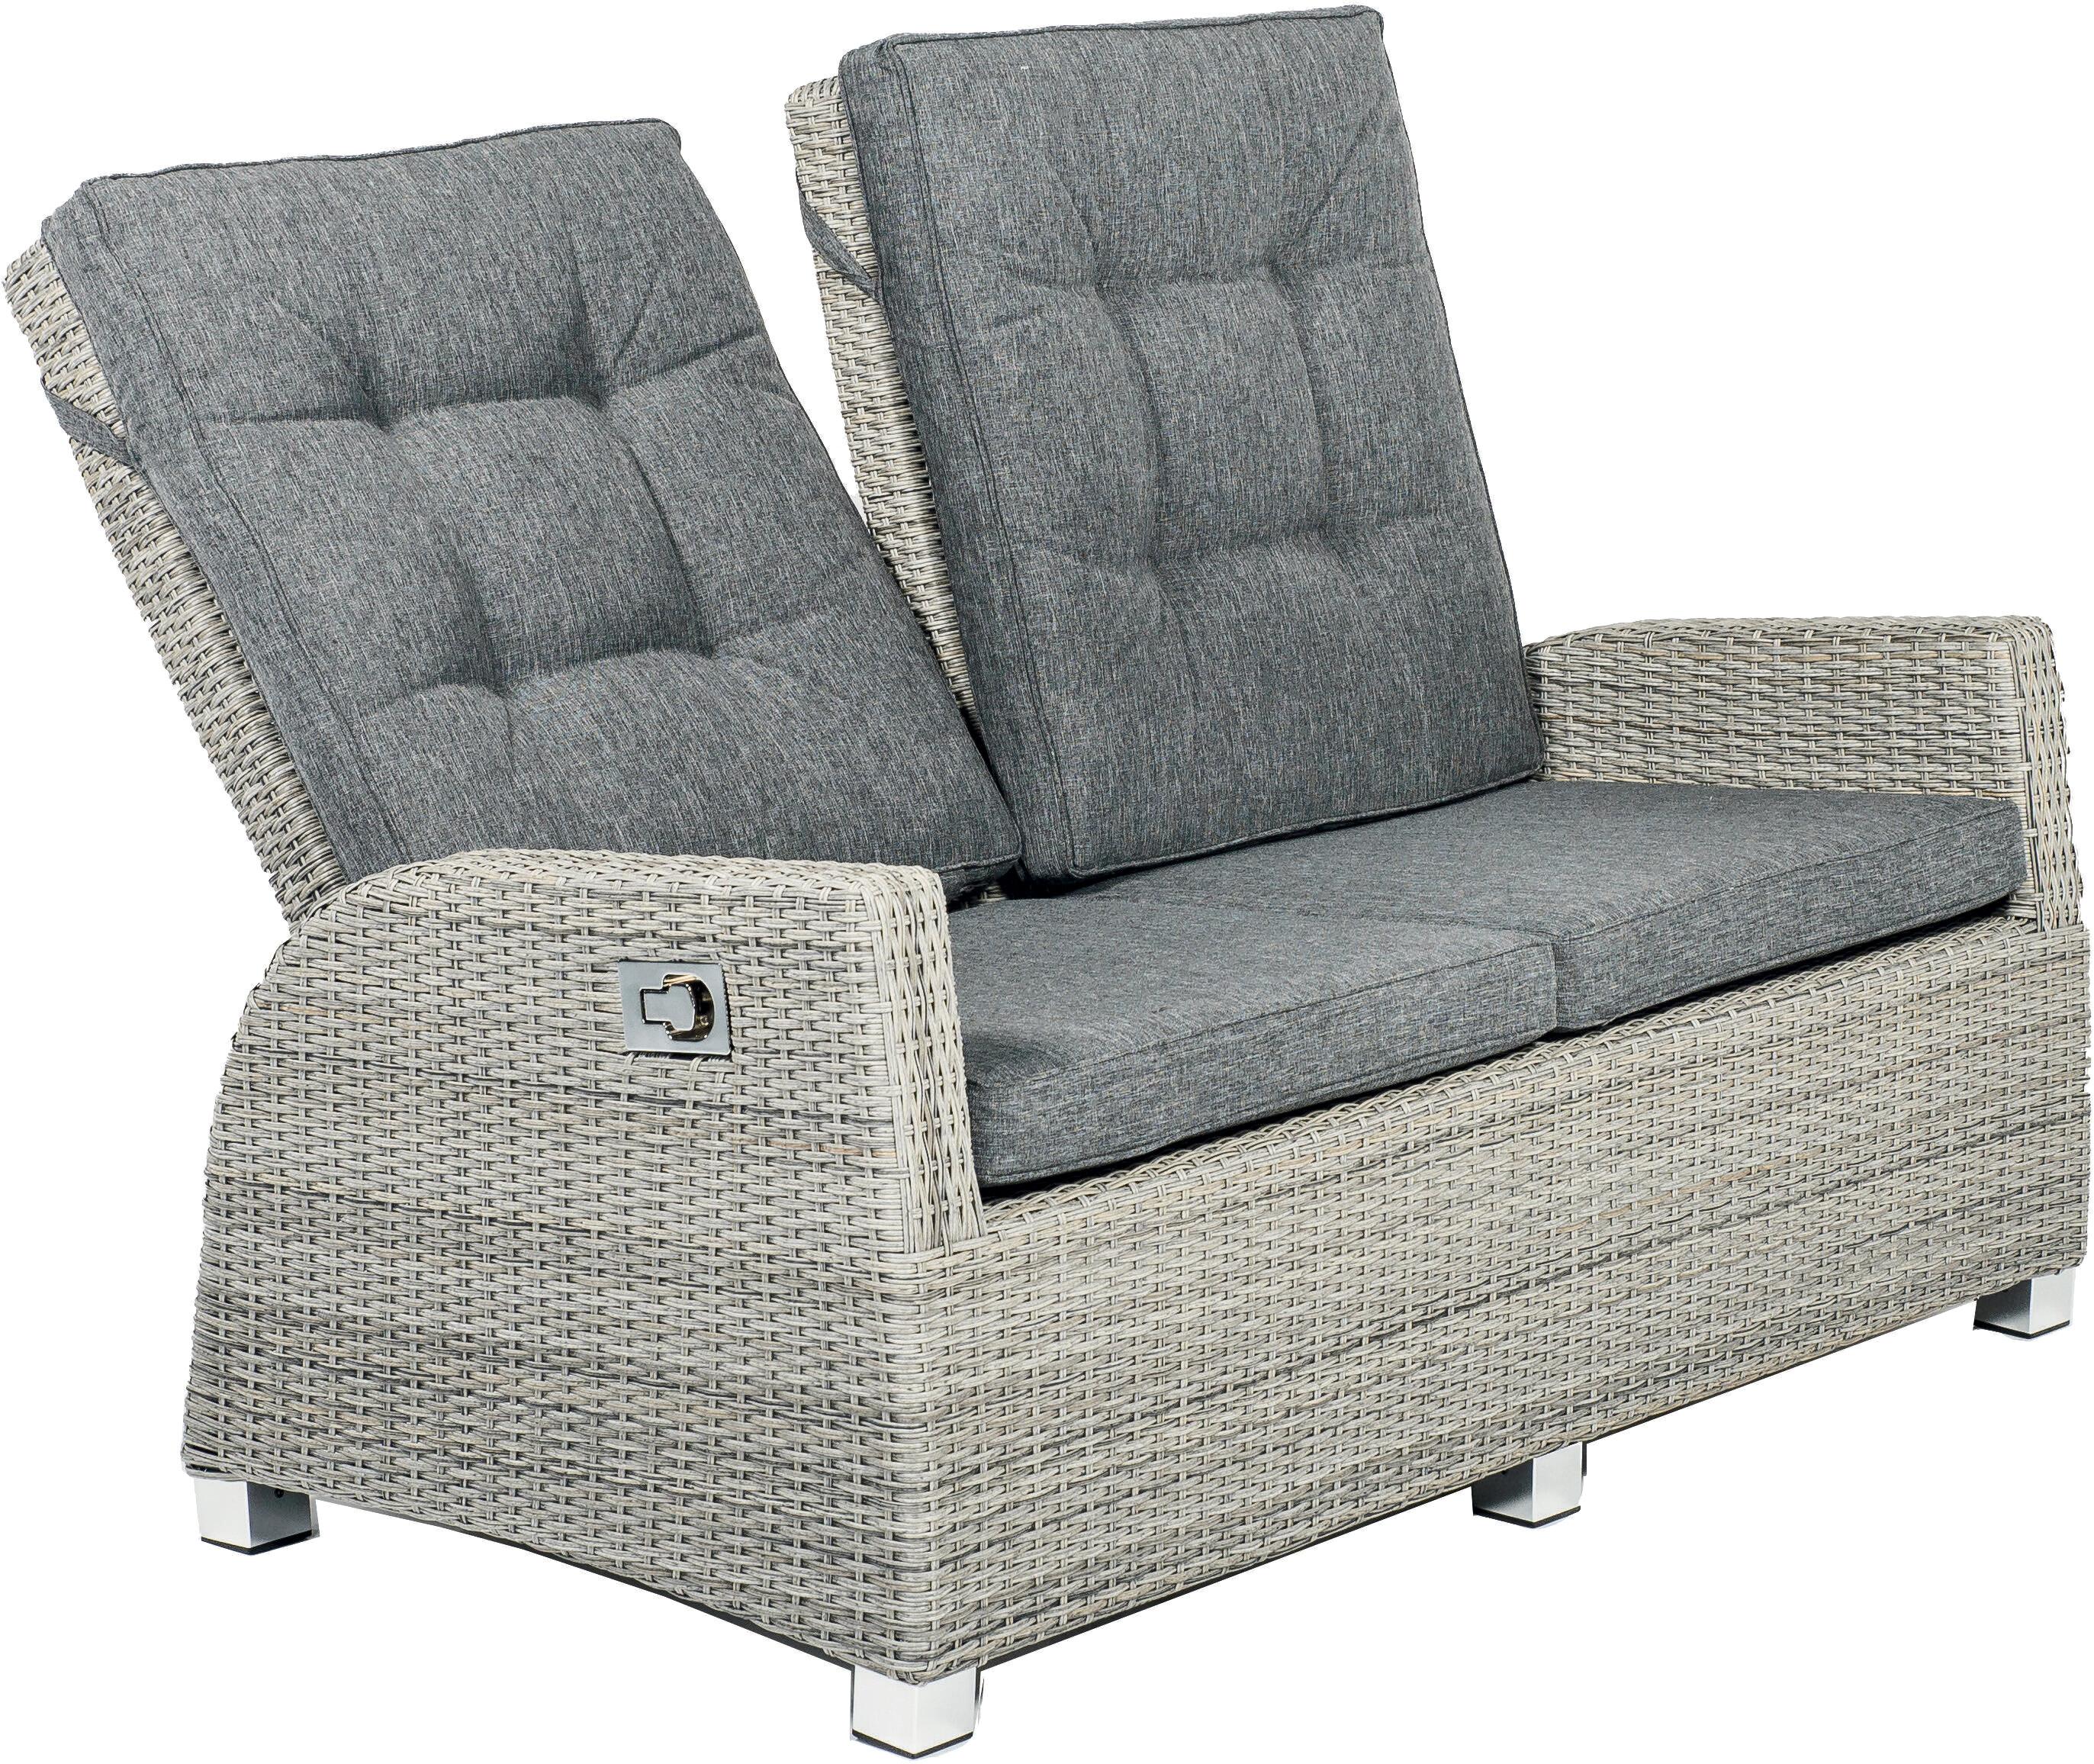 Cricklade Garden Sofa with Cushions